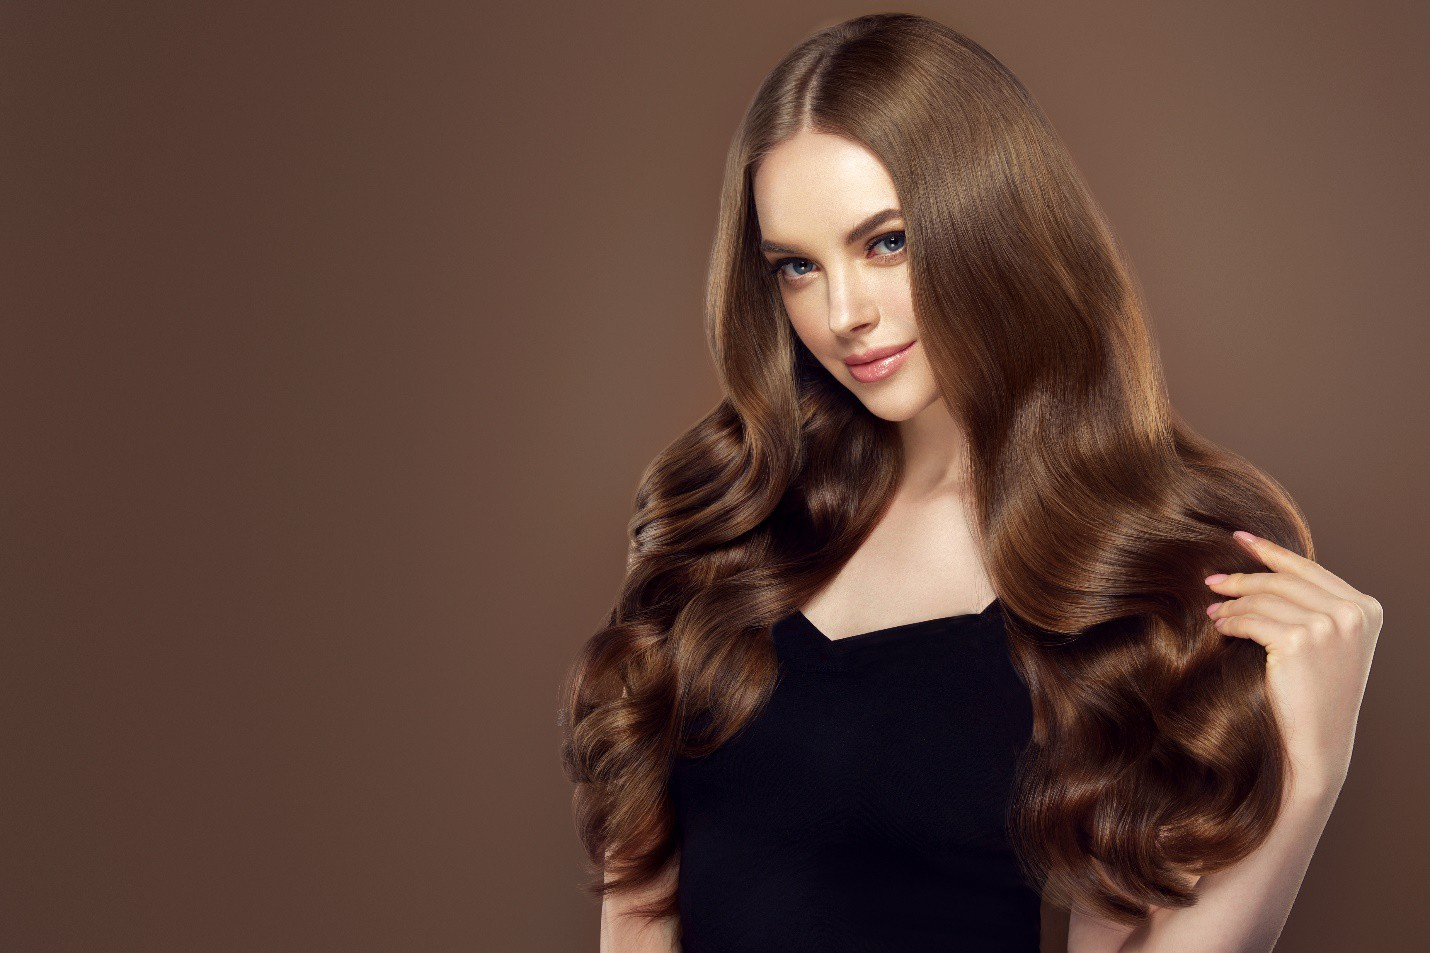 Điều kỳ diệu ẩn chứa bên trong viên dưỡng tóc NNO Hair Serum - Ảnh 1.